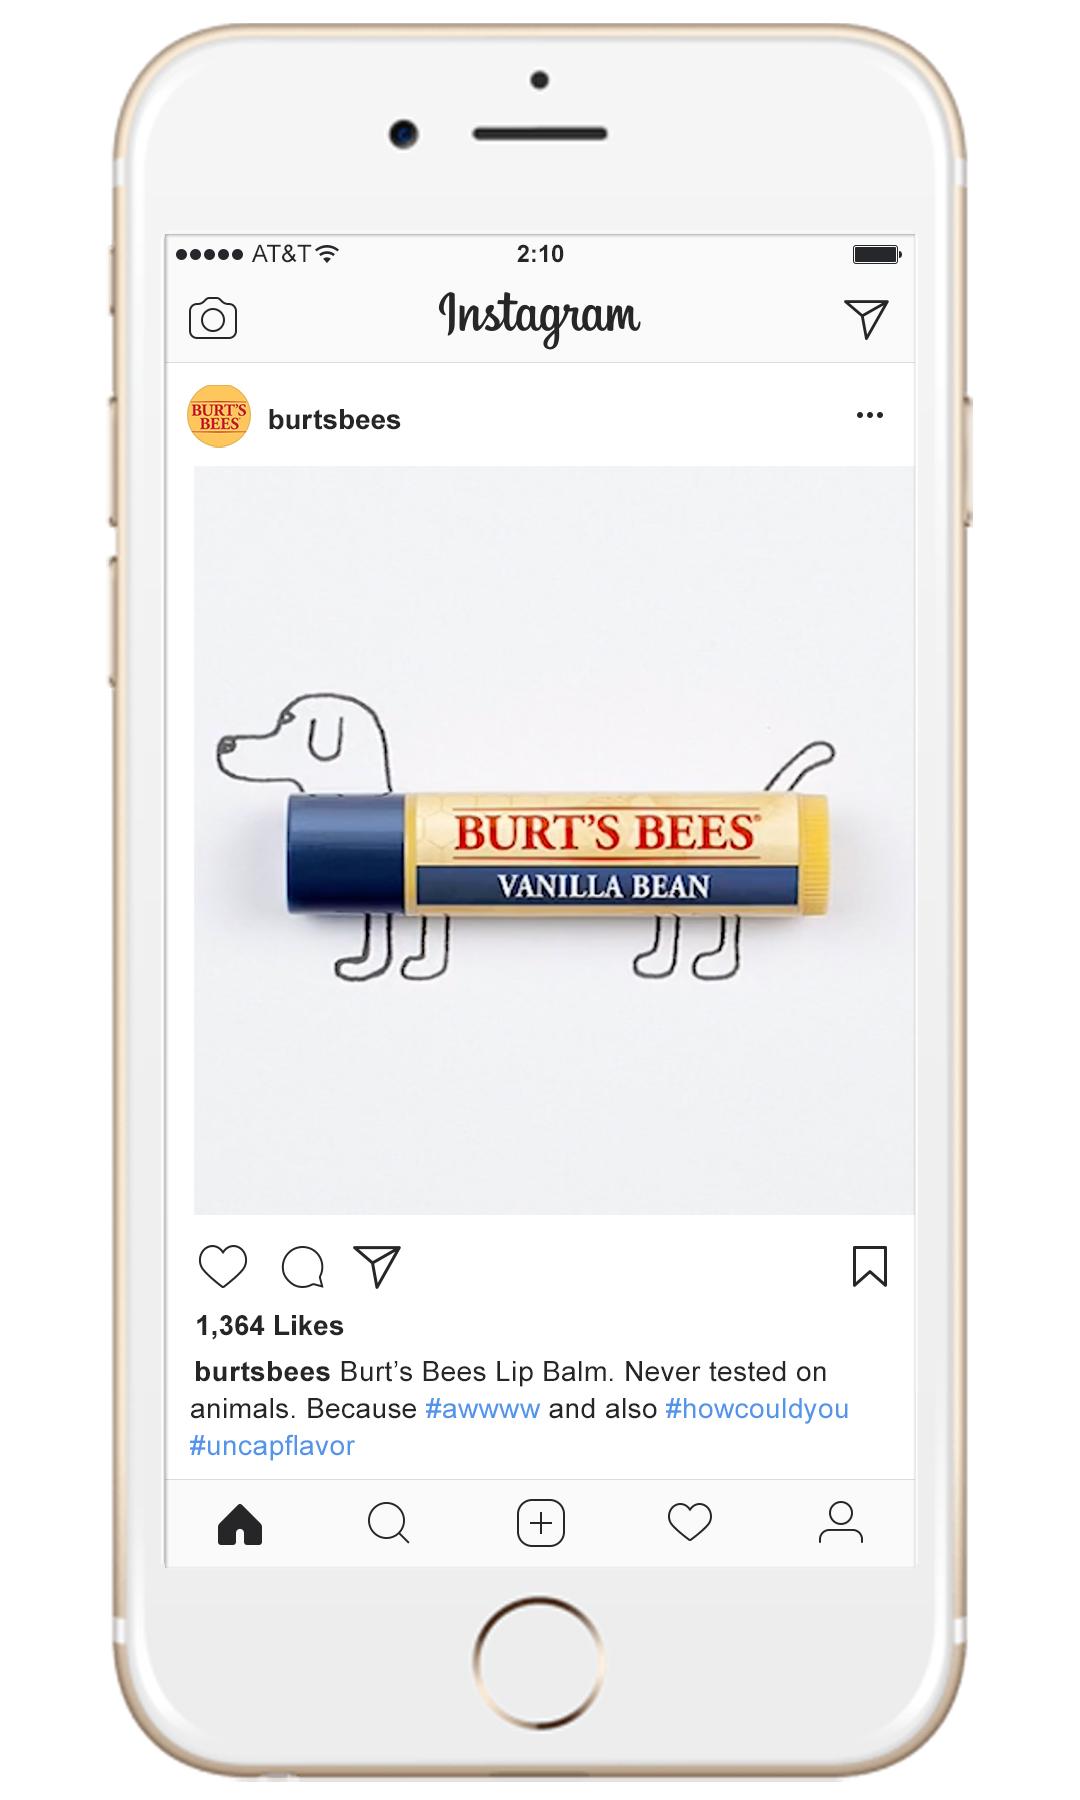 BurtsBees_Instagram_UncapFlavor_2.jpg